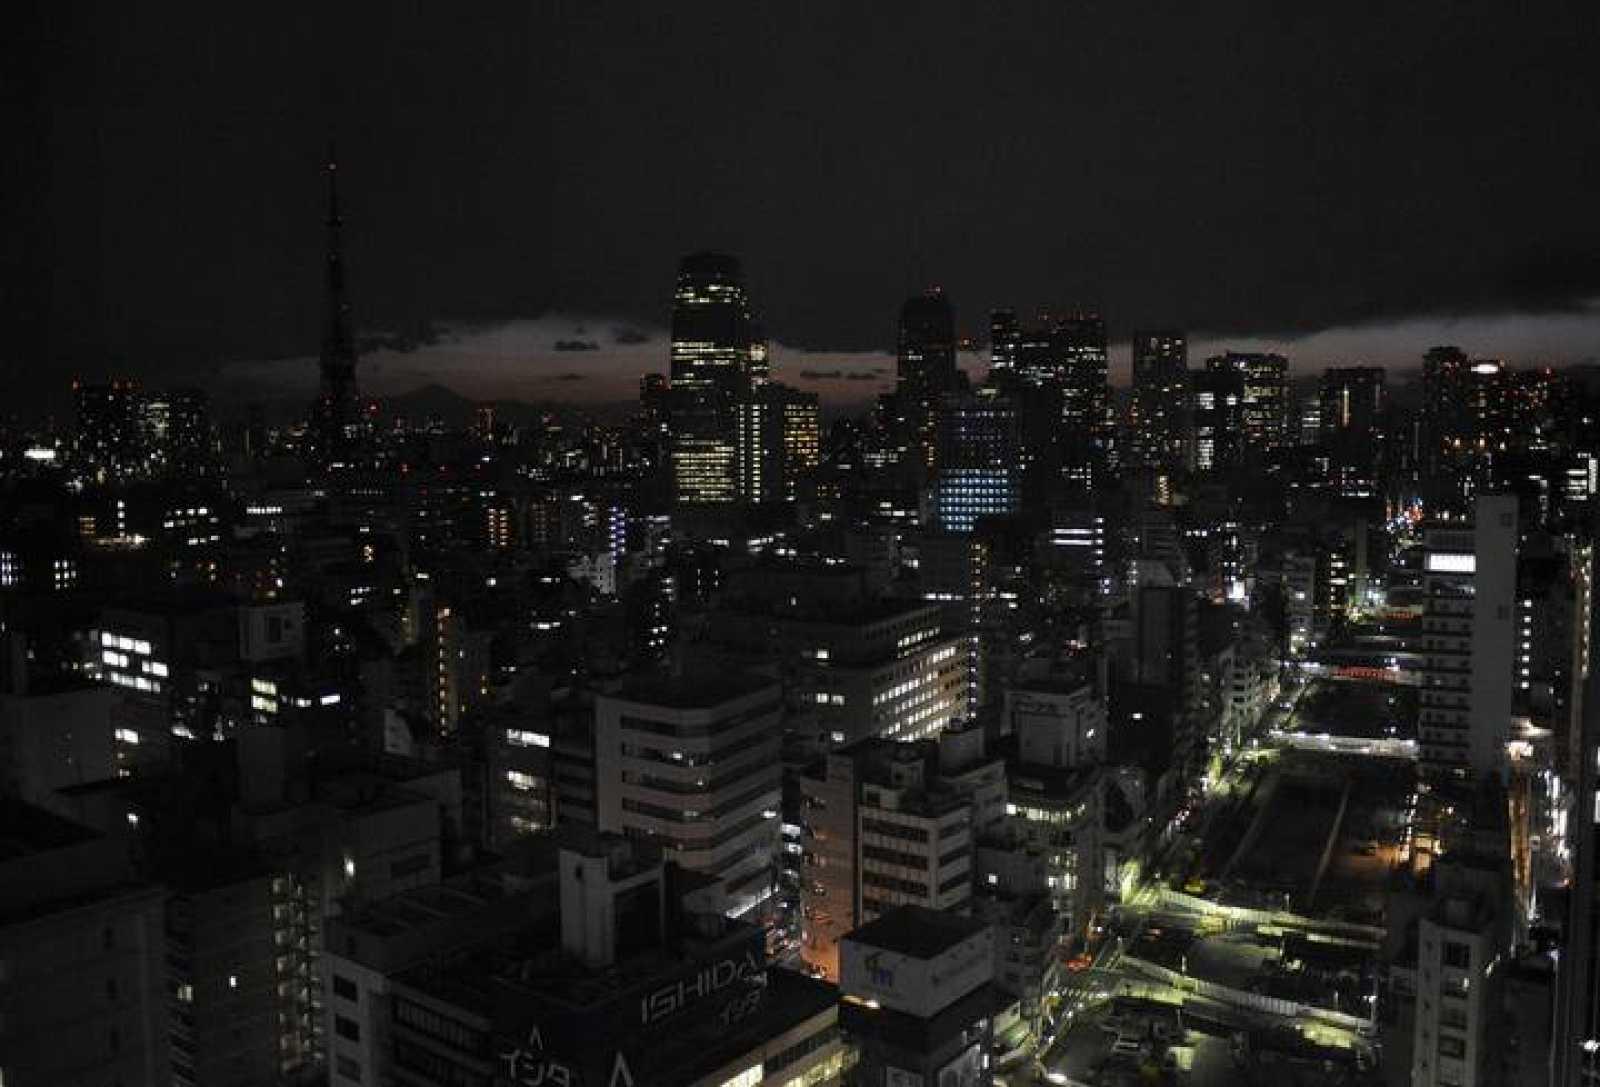 Aspecto de Tokio antes del apagón. Los habitantes han apagado las luces para ahorrar energía